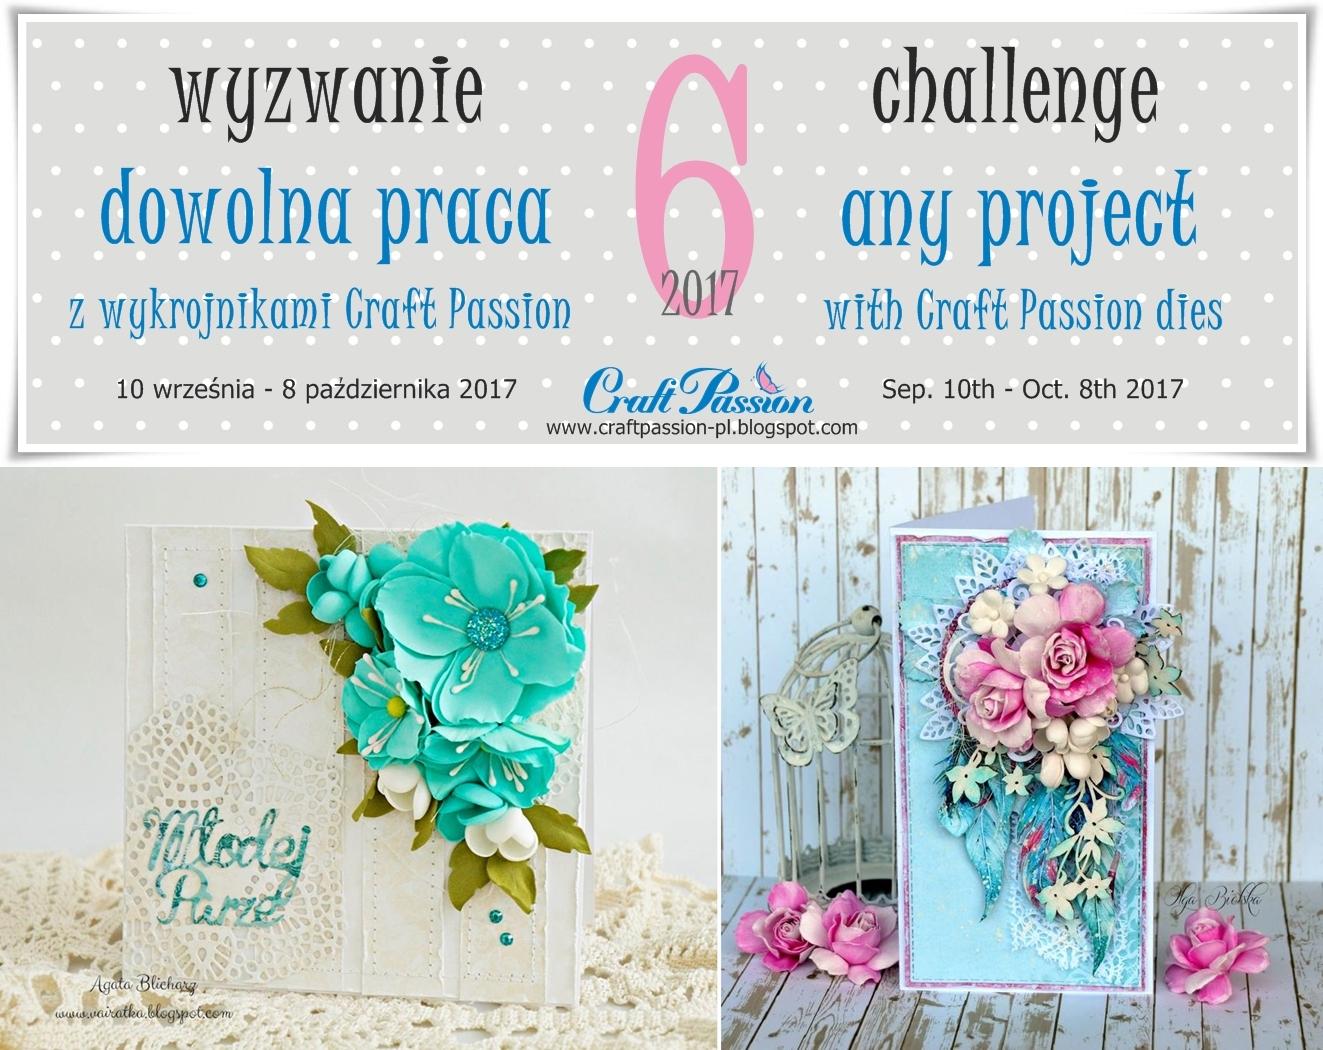 Wyzwanie / Challenge